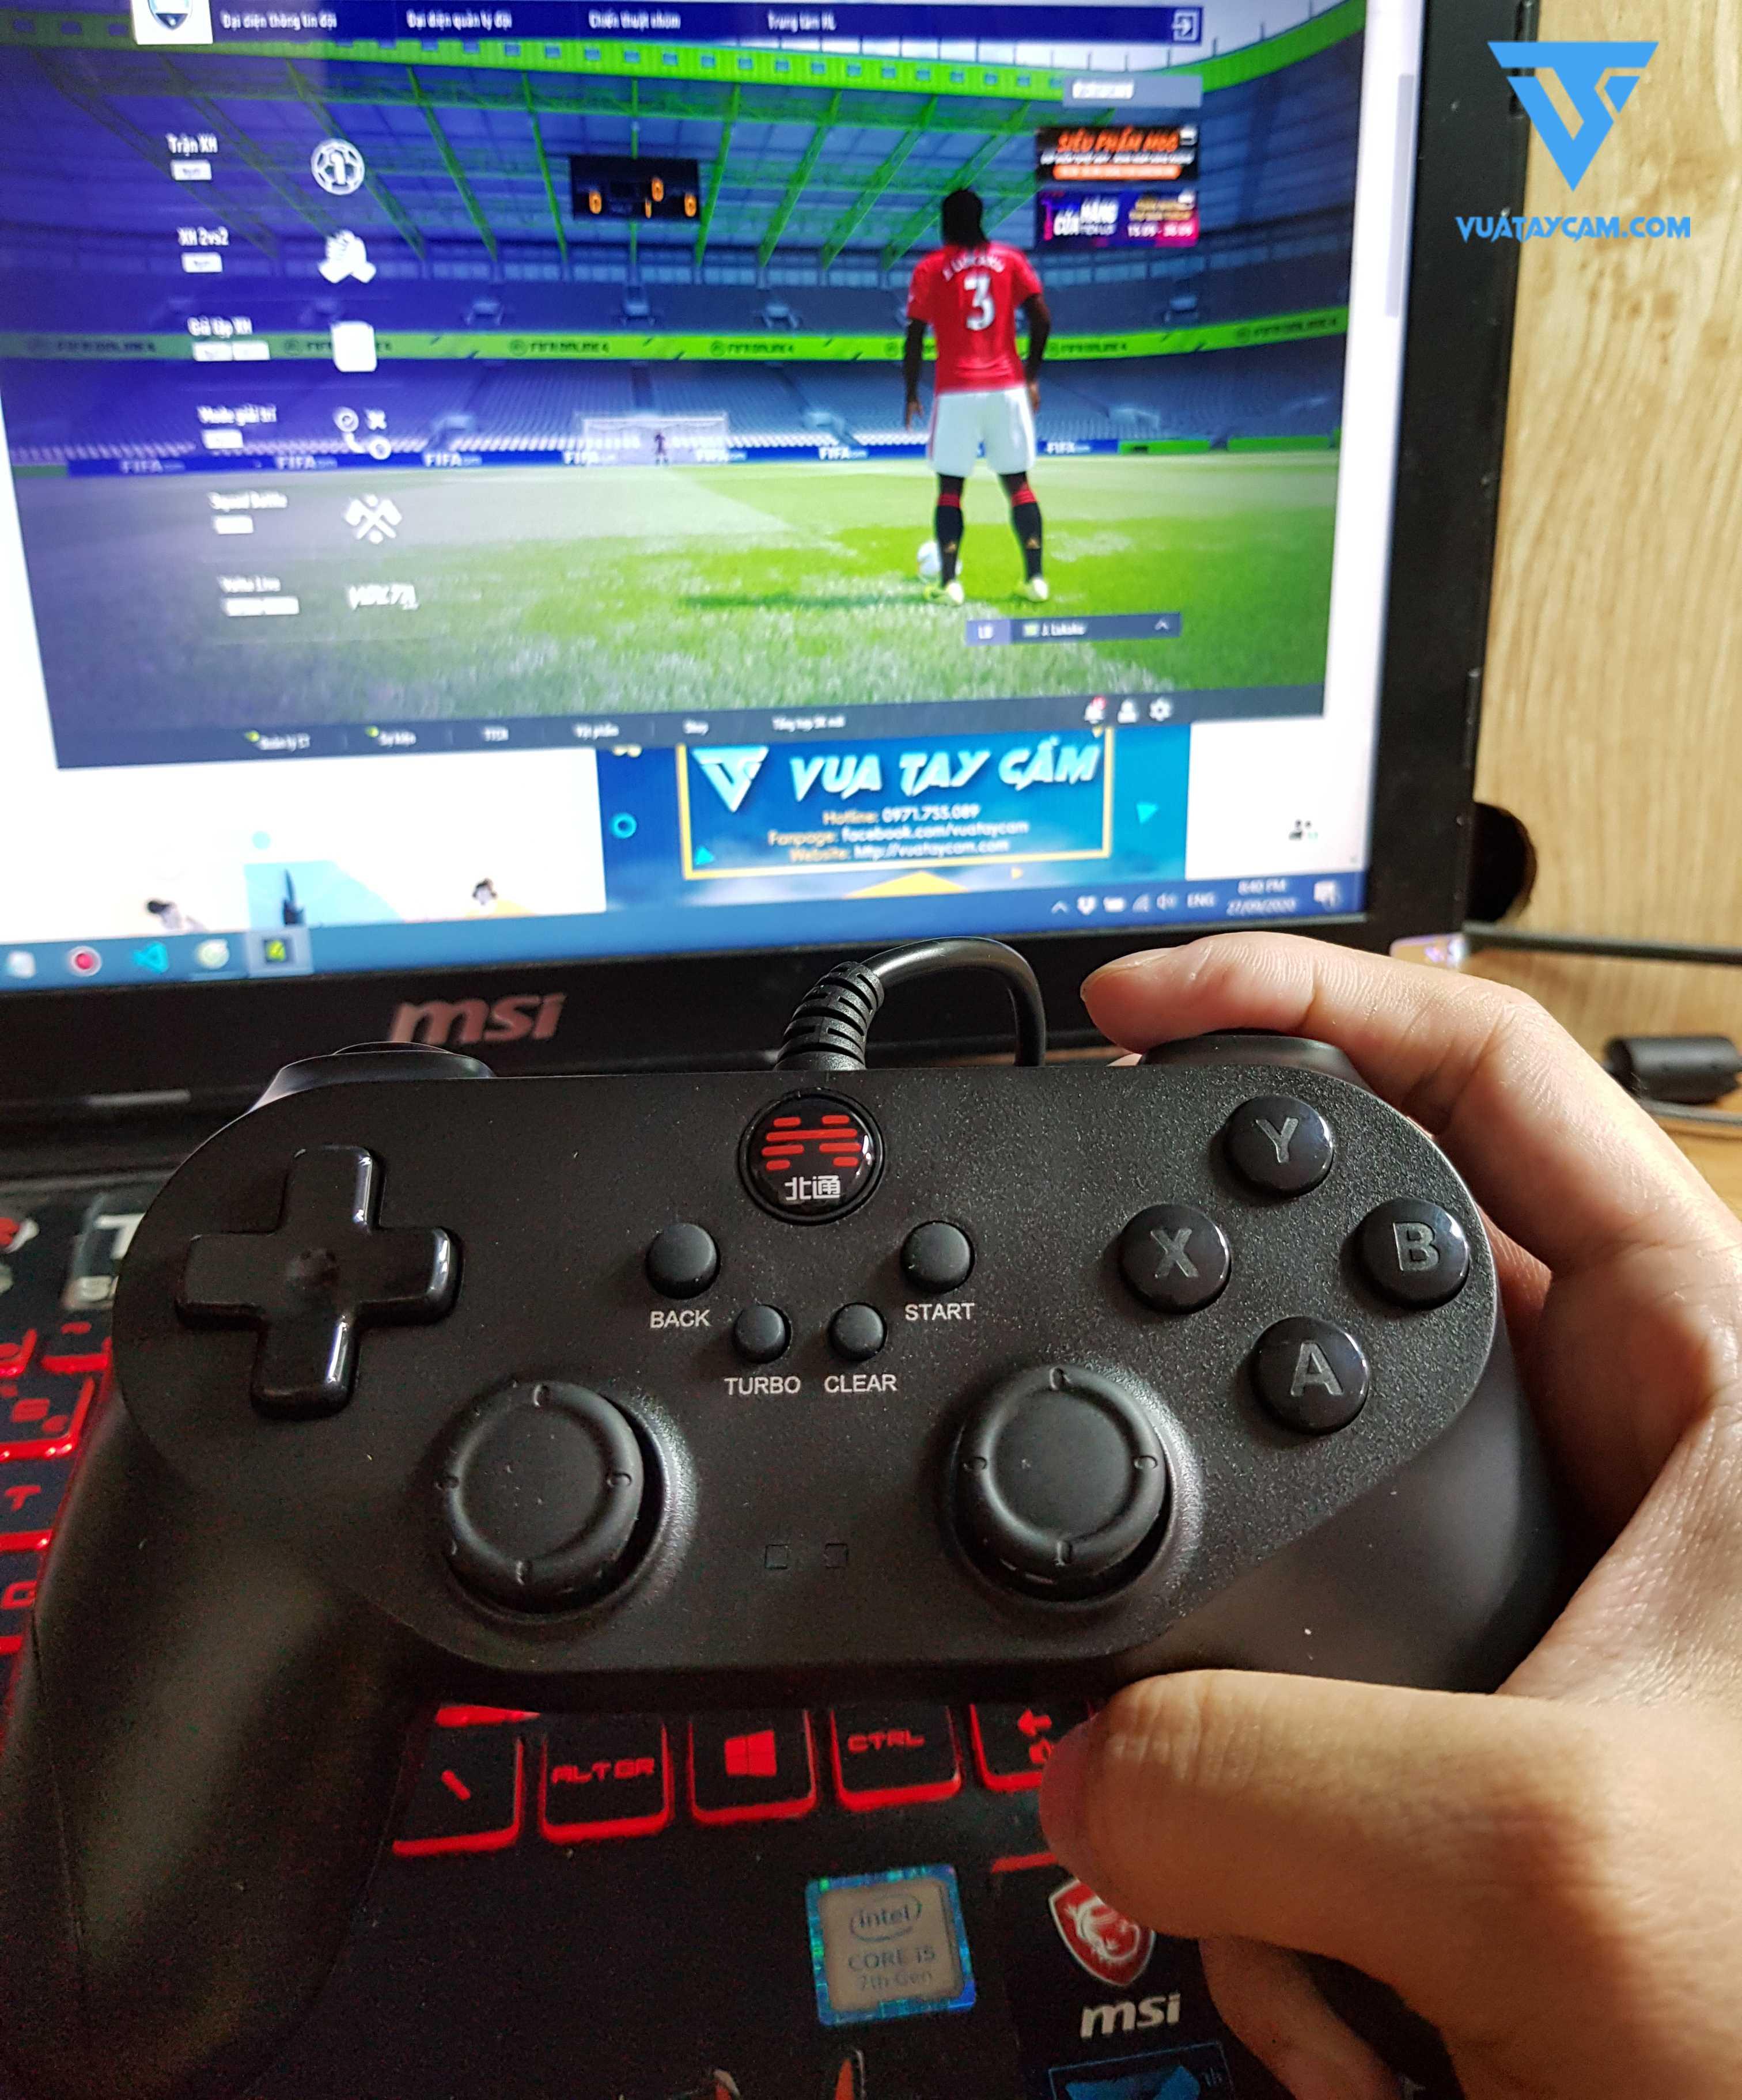 https://api.vuataycam.com/file/1602868355423-770358682-Tay-cam-choi-game-betop-1.jpg